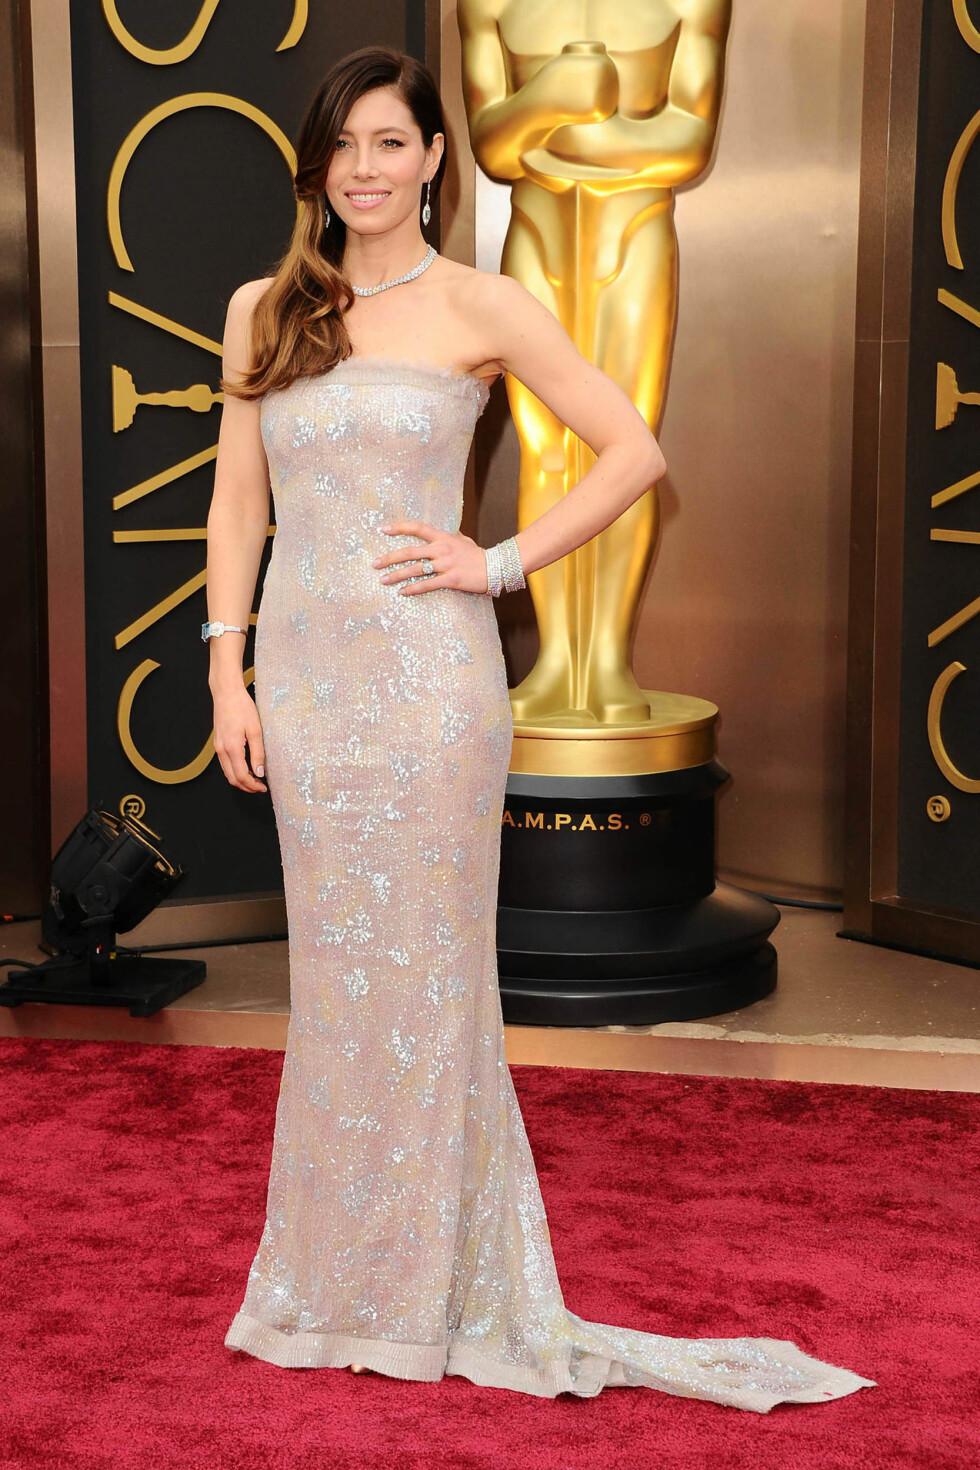 Jessica Biel i kjole fra Chanel Couture og smykker fra Tiffany & Co. Foto: All Over Press